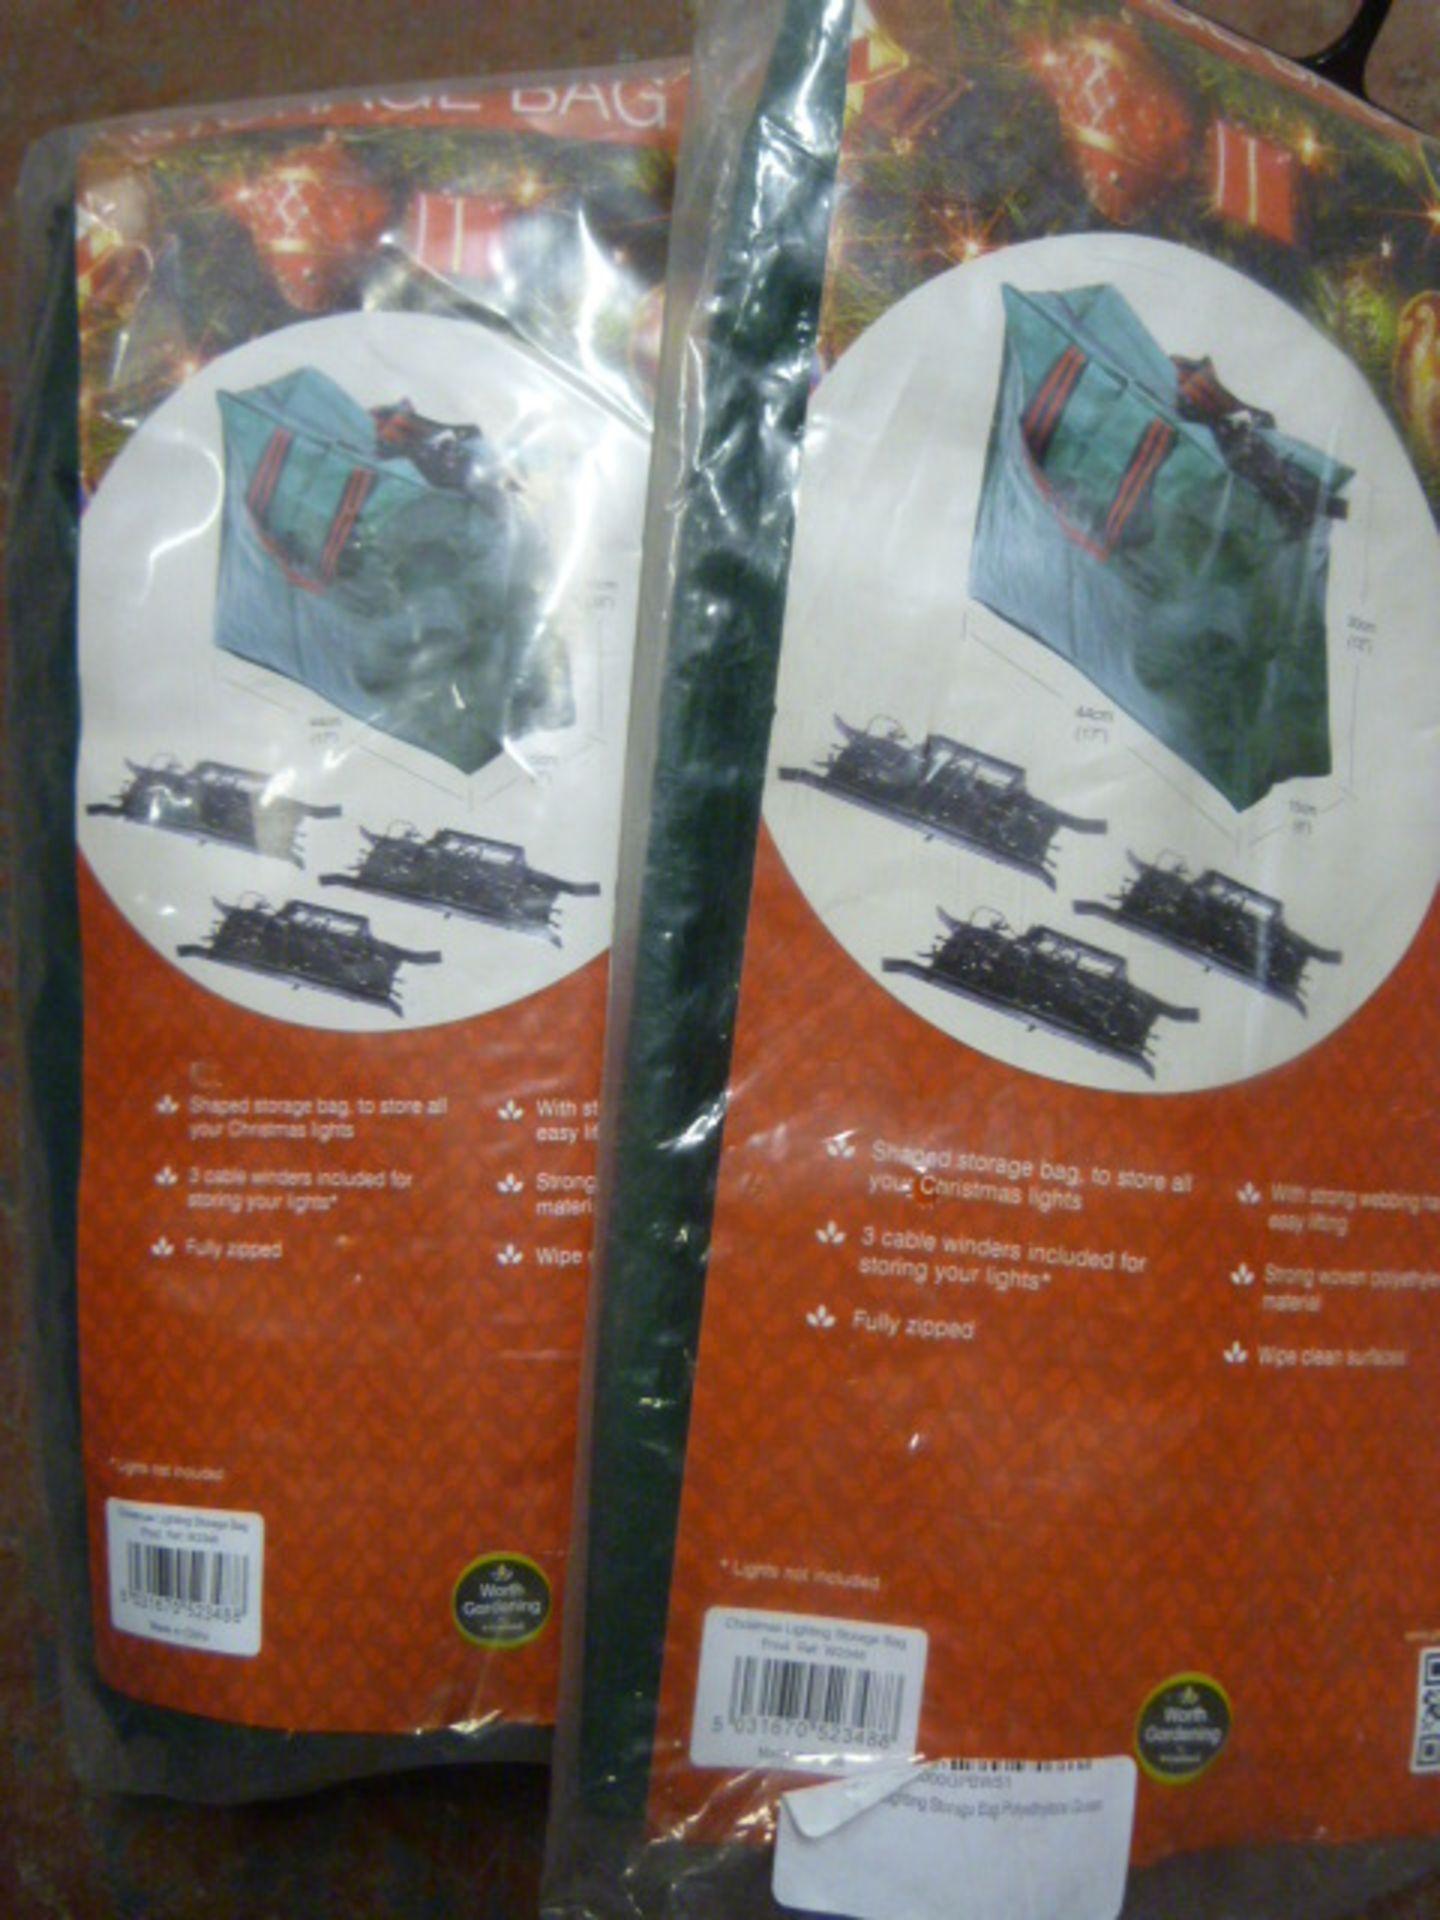 Lot 52 - *Two Christmas Lighting Storage Bags